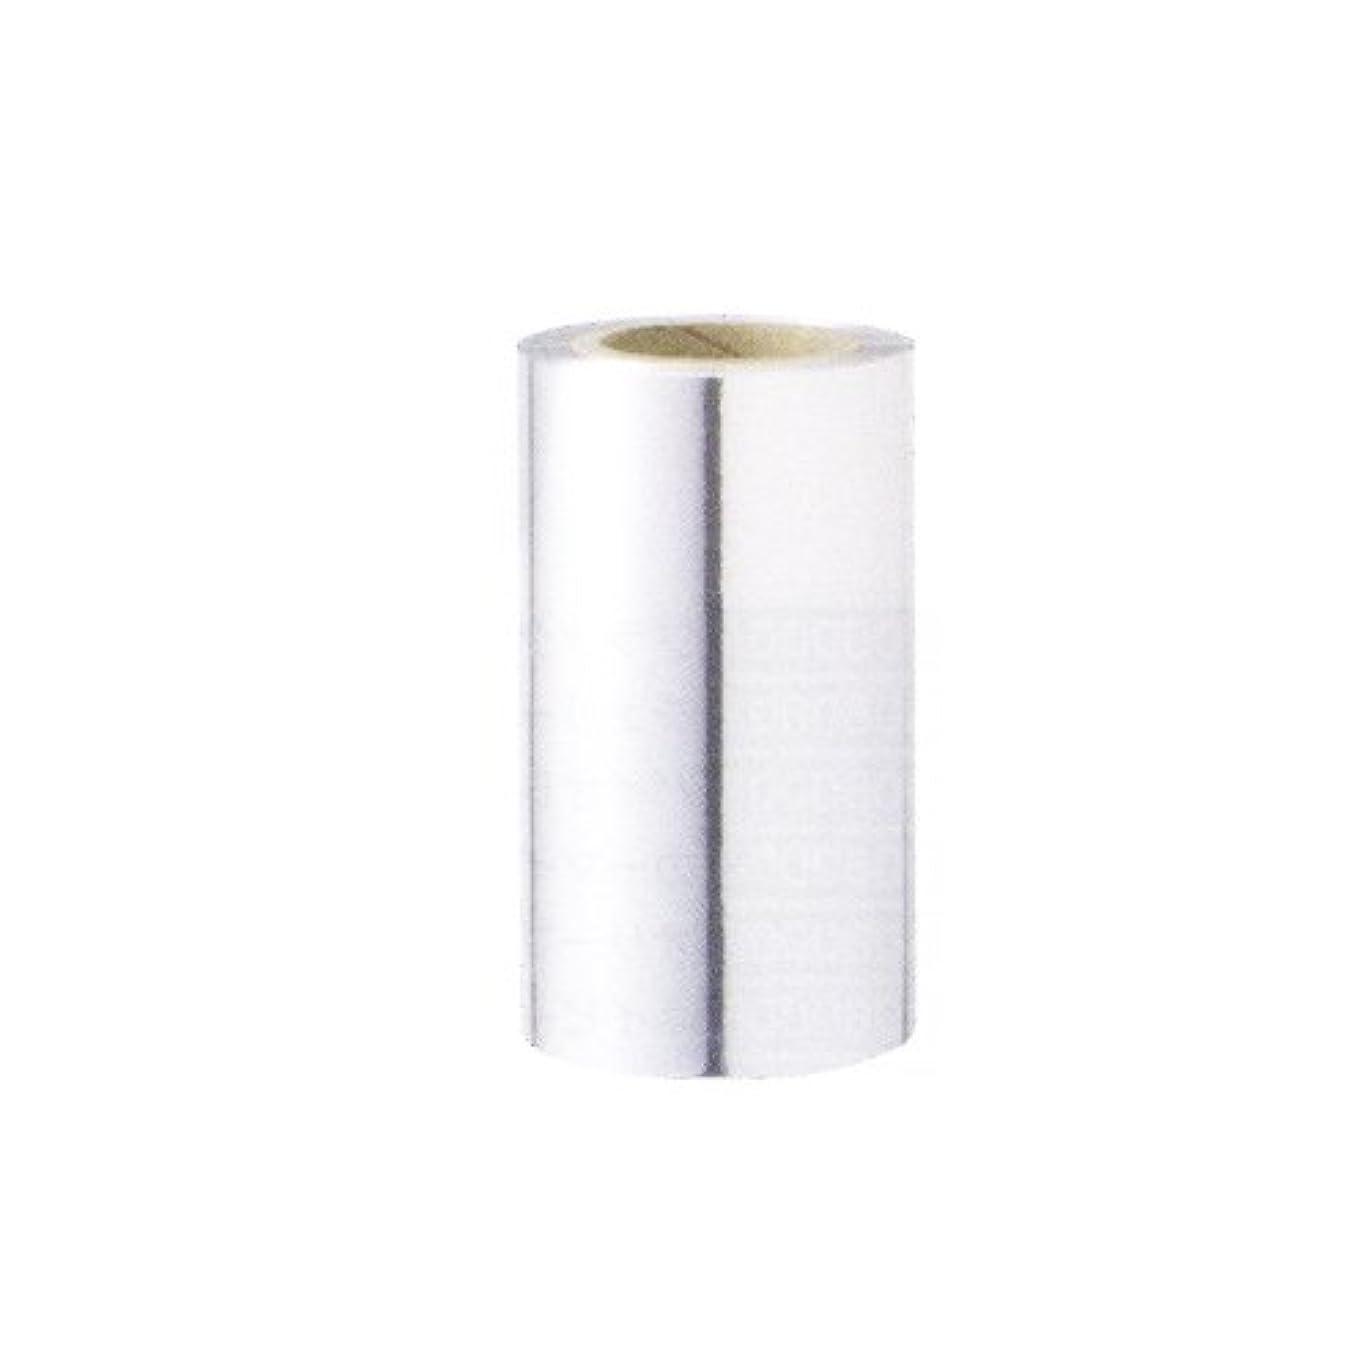 ソーダ水インタフェース不良アイビルプロフェッショナル カラーホイル シルバー